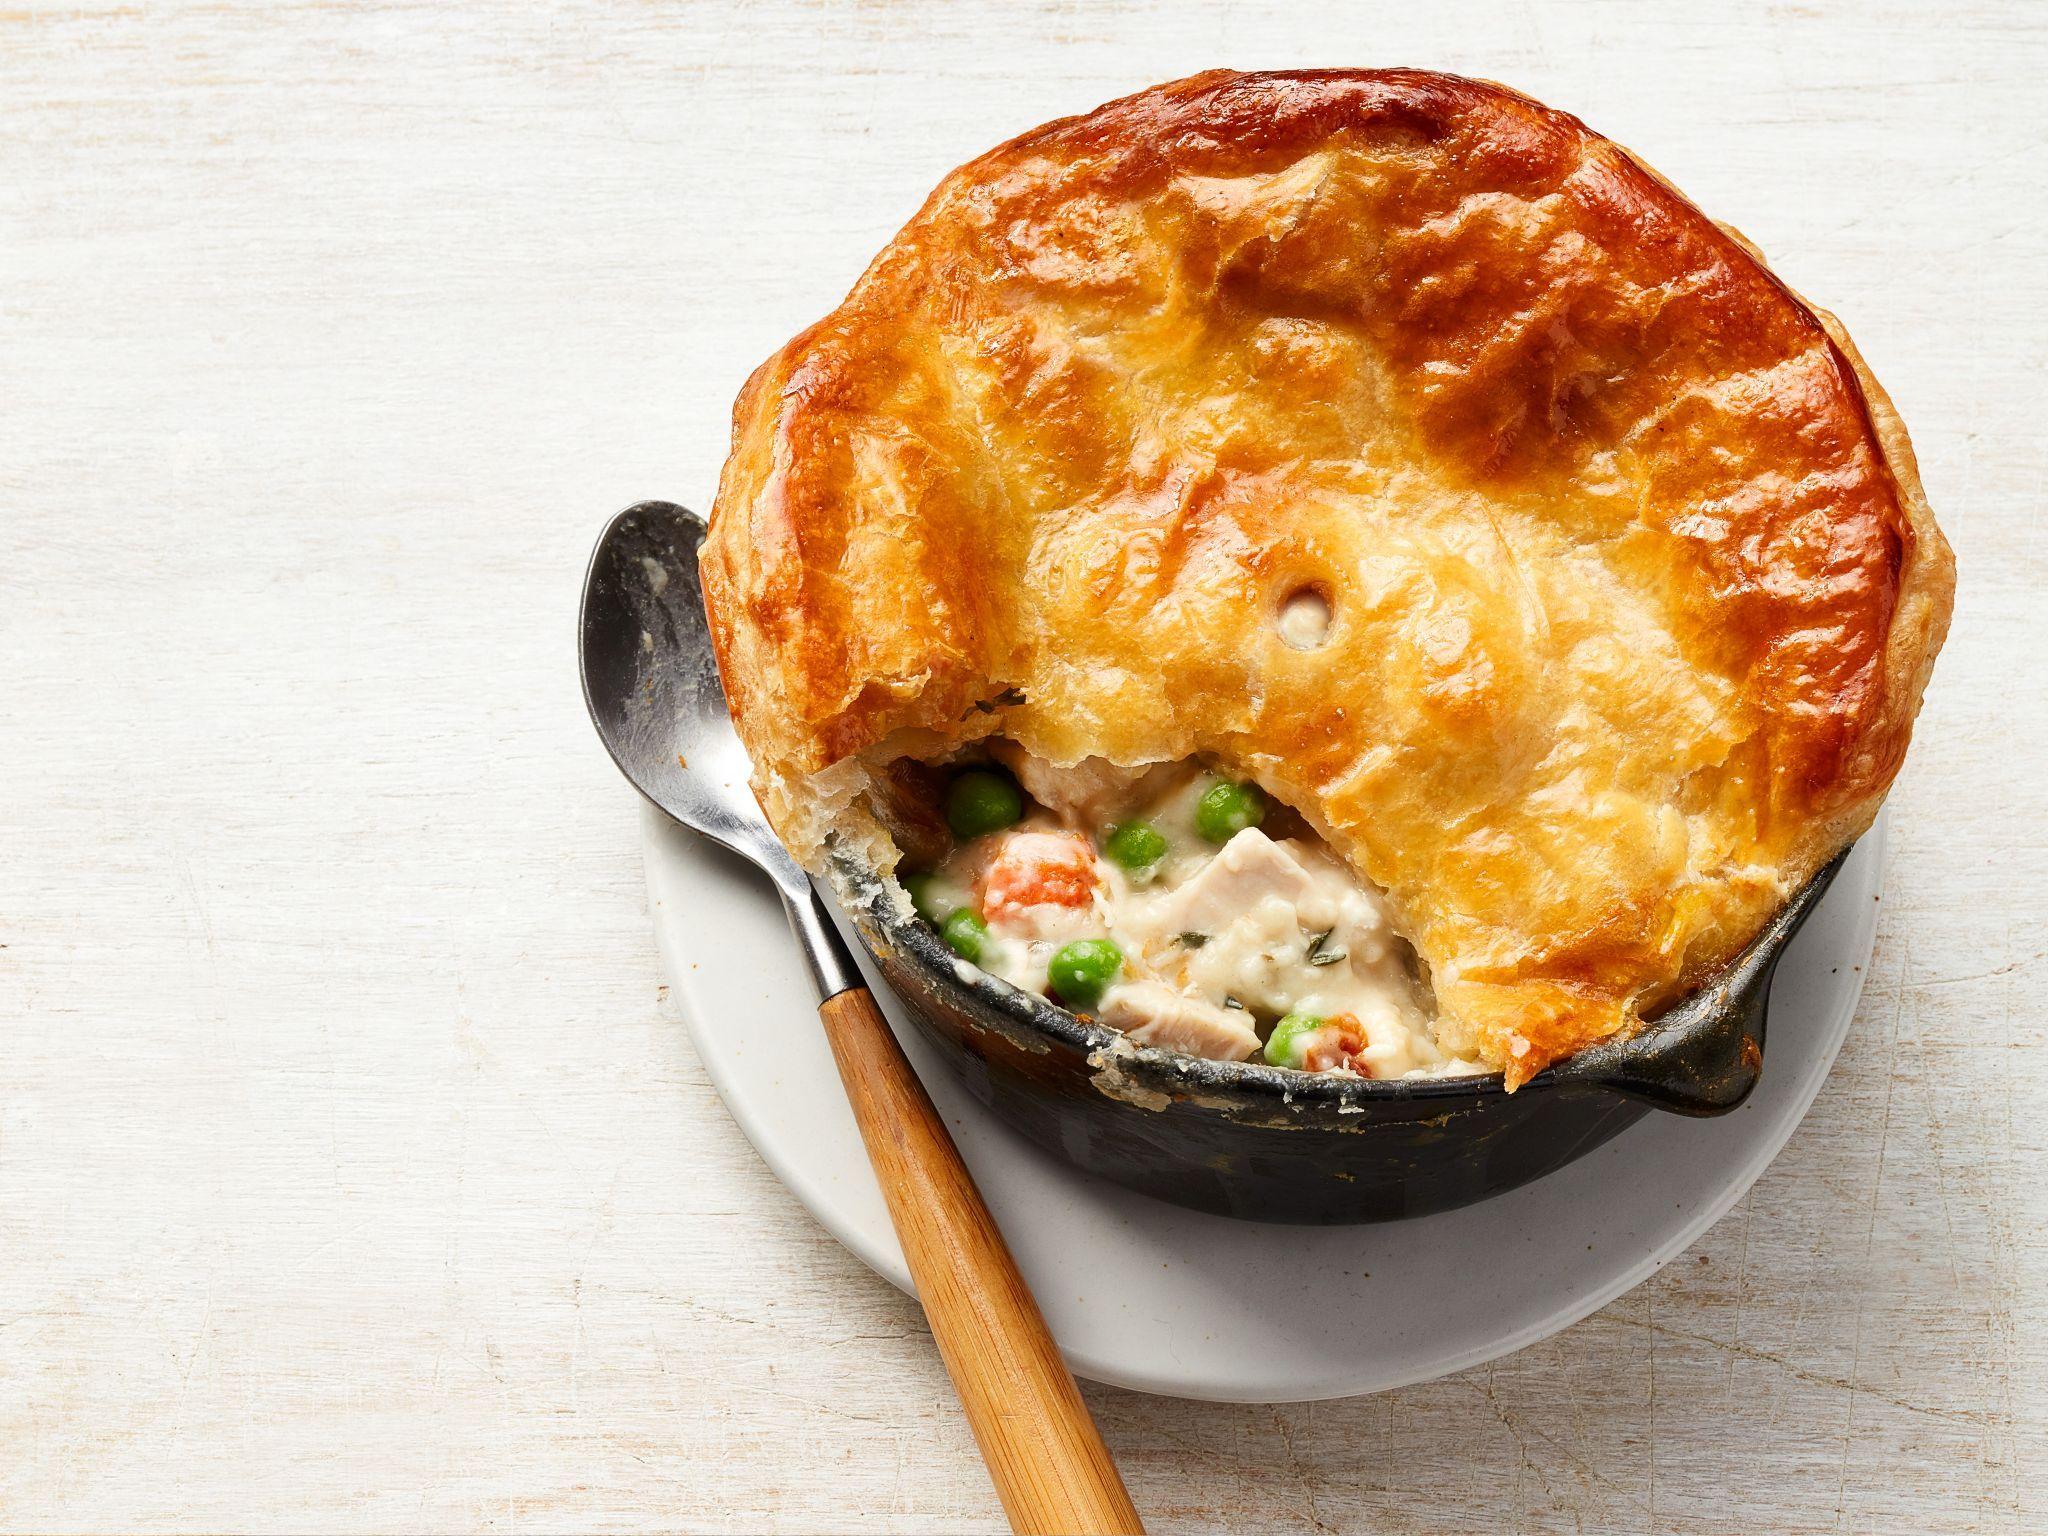 Chicken pot pie recipe katie lee pot pies and pie recipes chicken pot pie forumfinder Choice Image